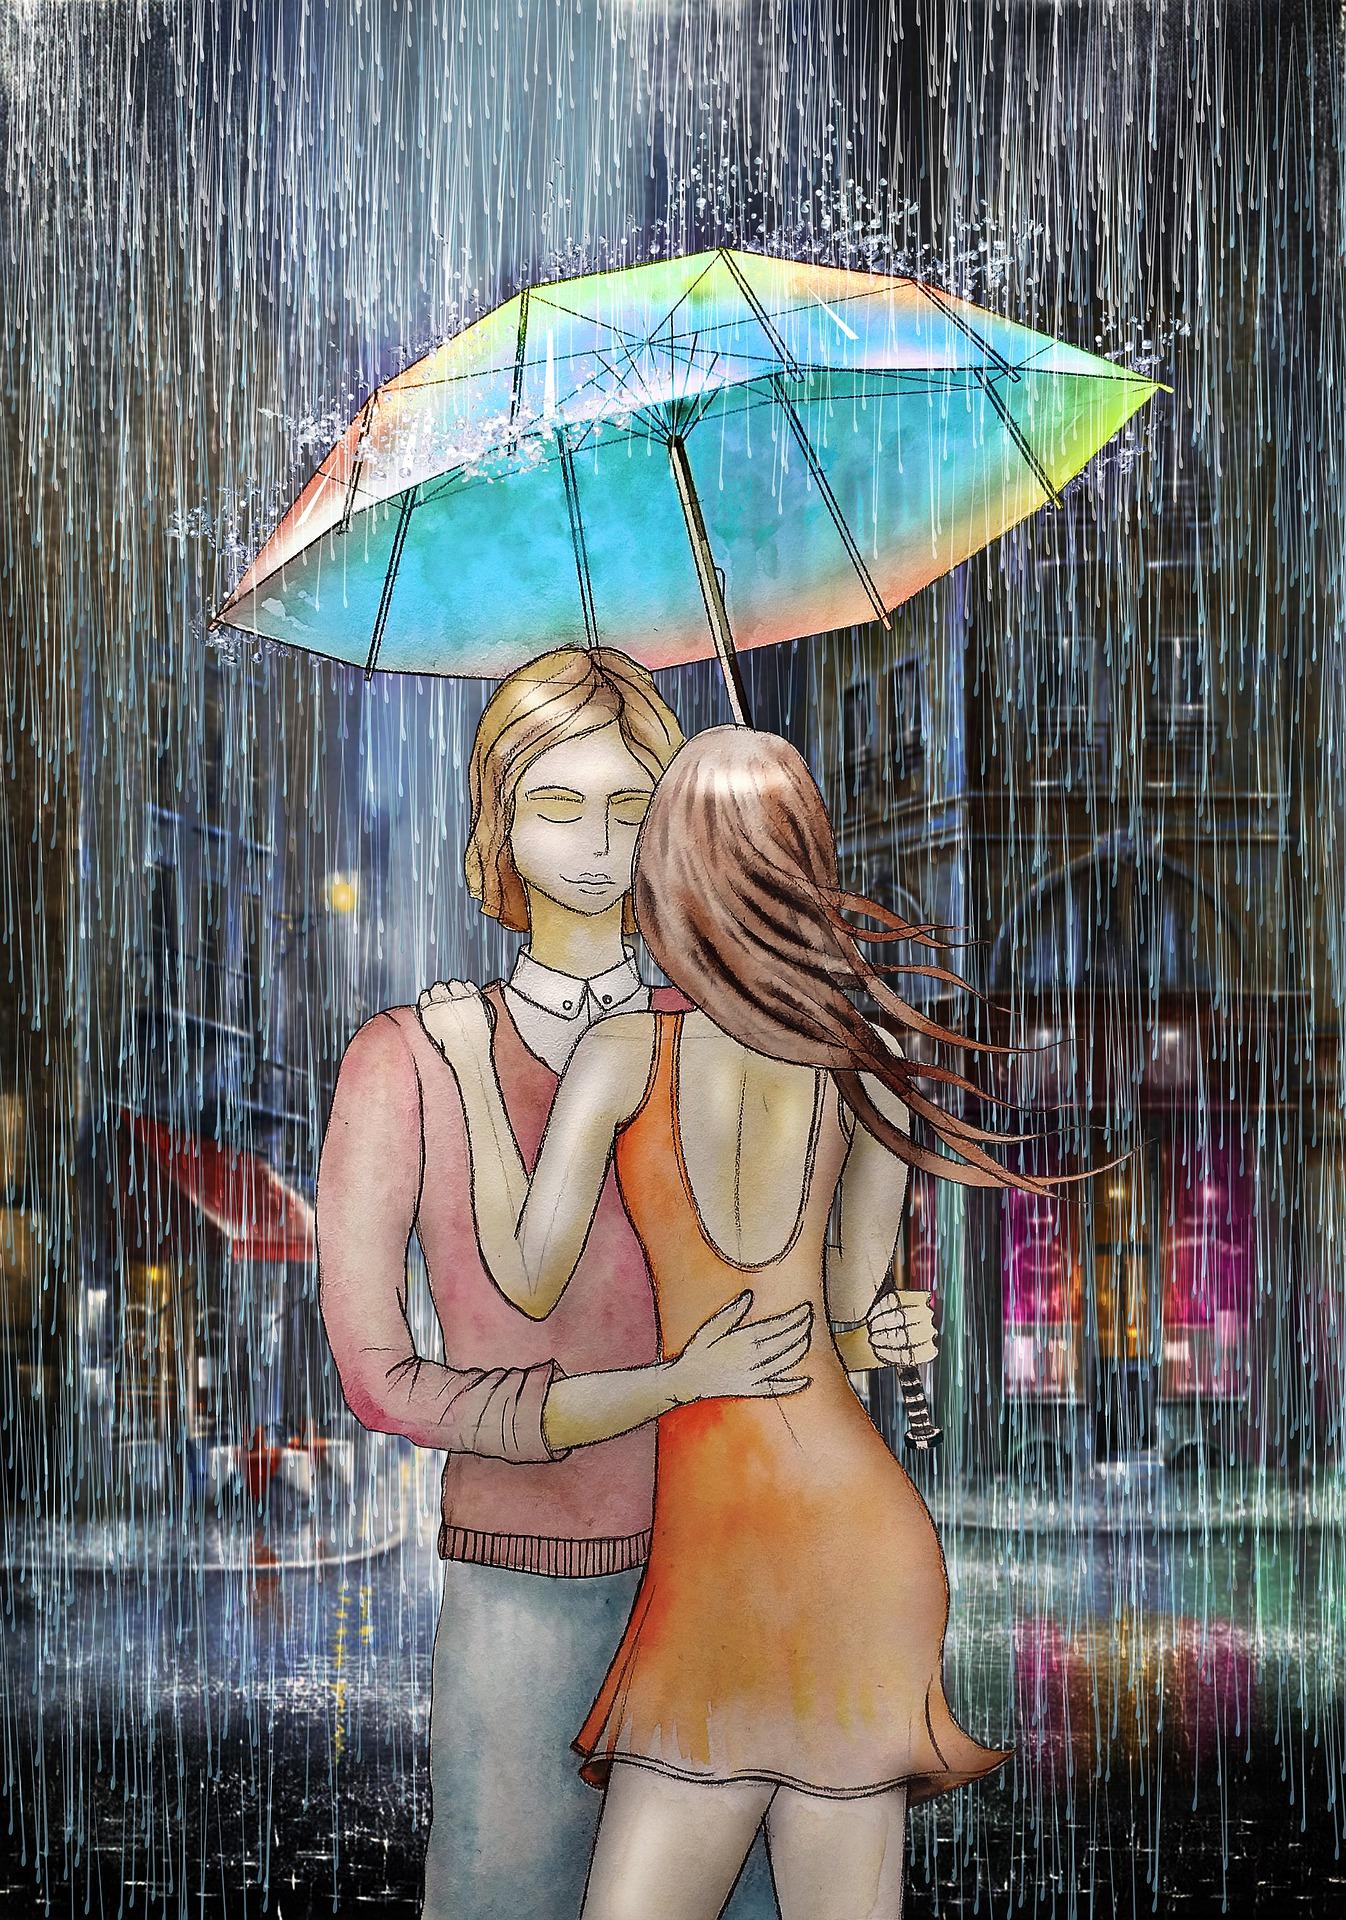 Liebe, Beziehungfragen Astrologie